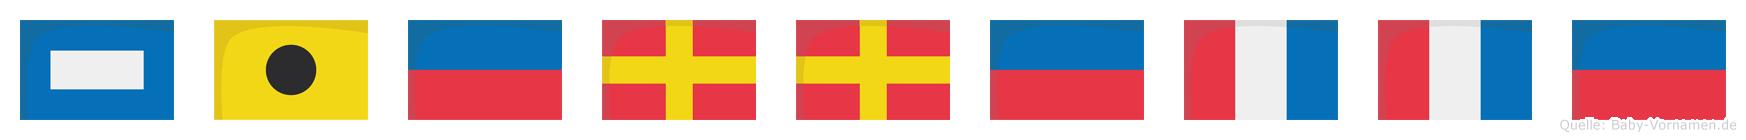 Pierrette im Flaggenalphabet